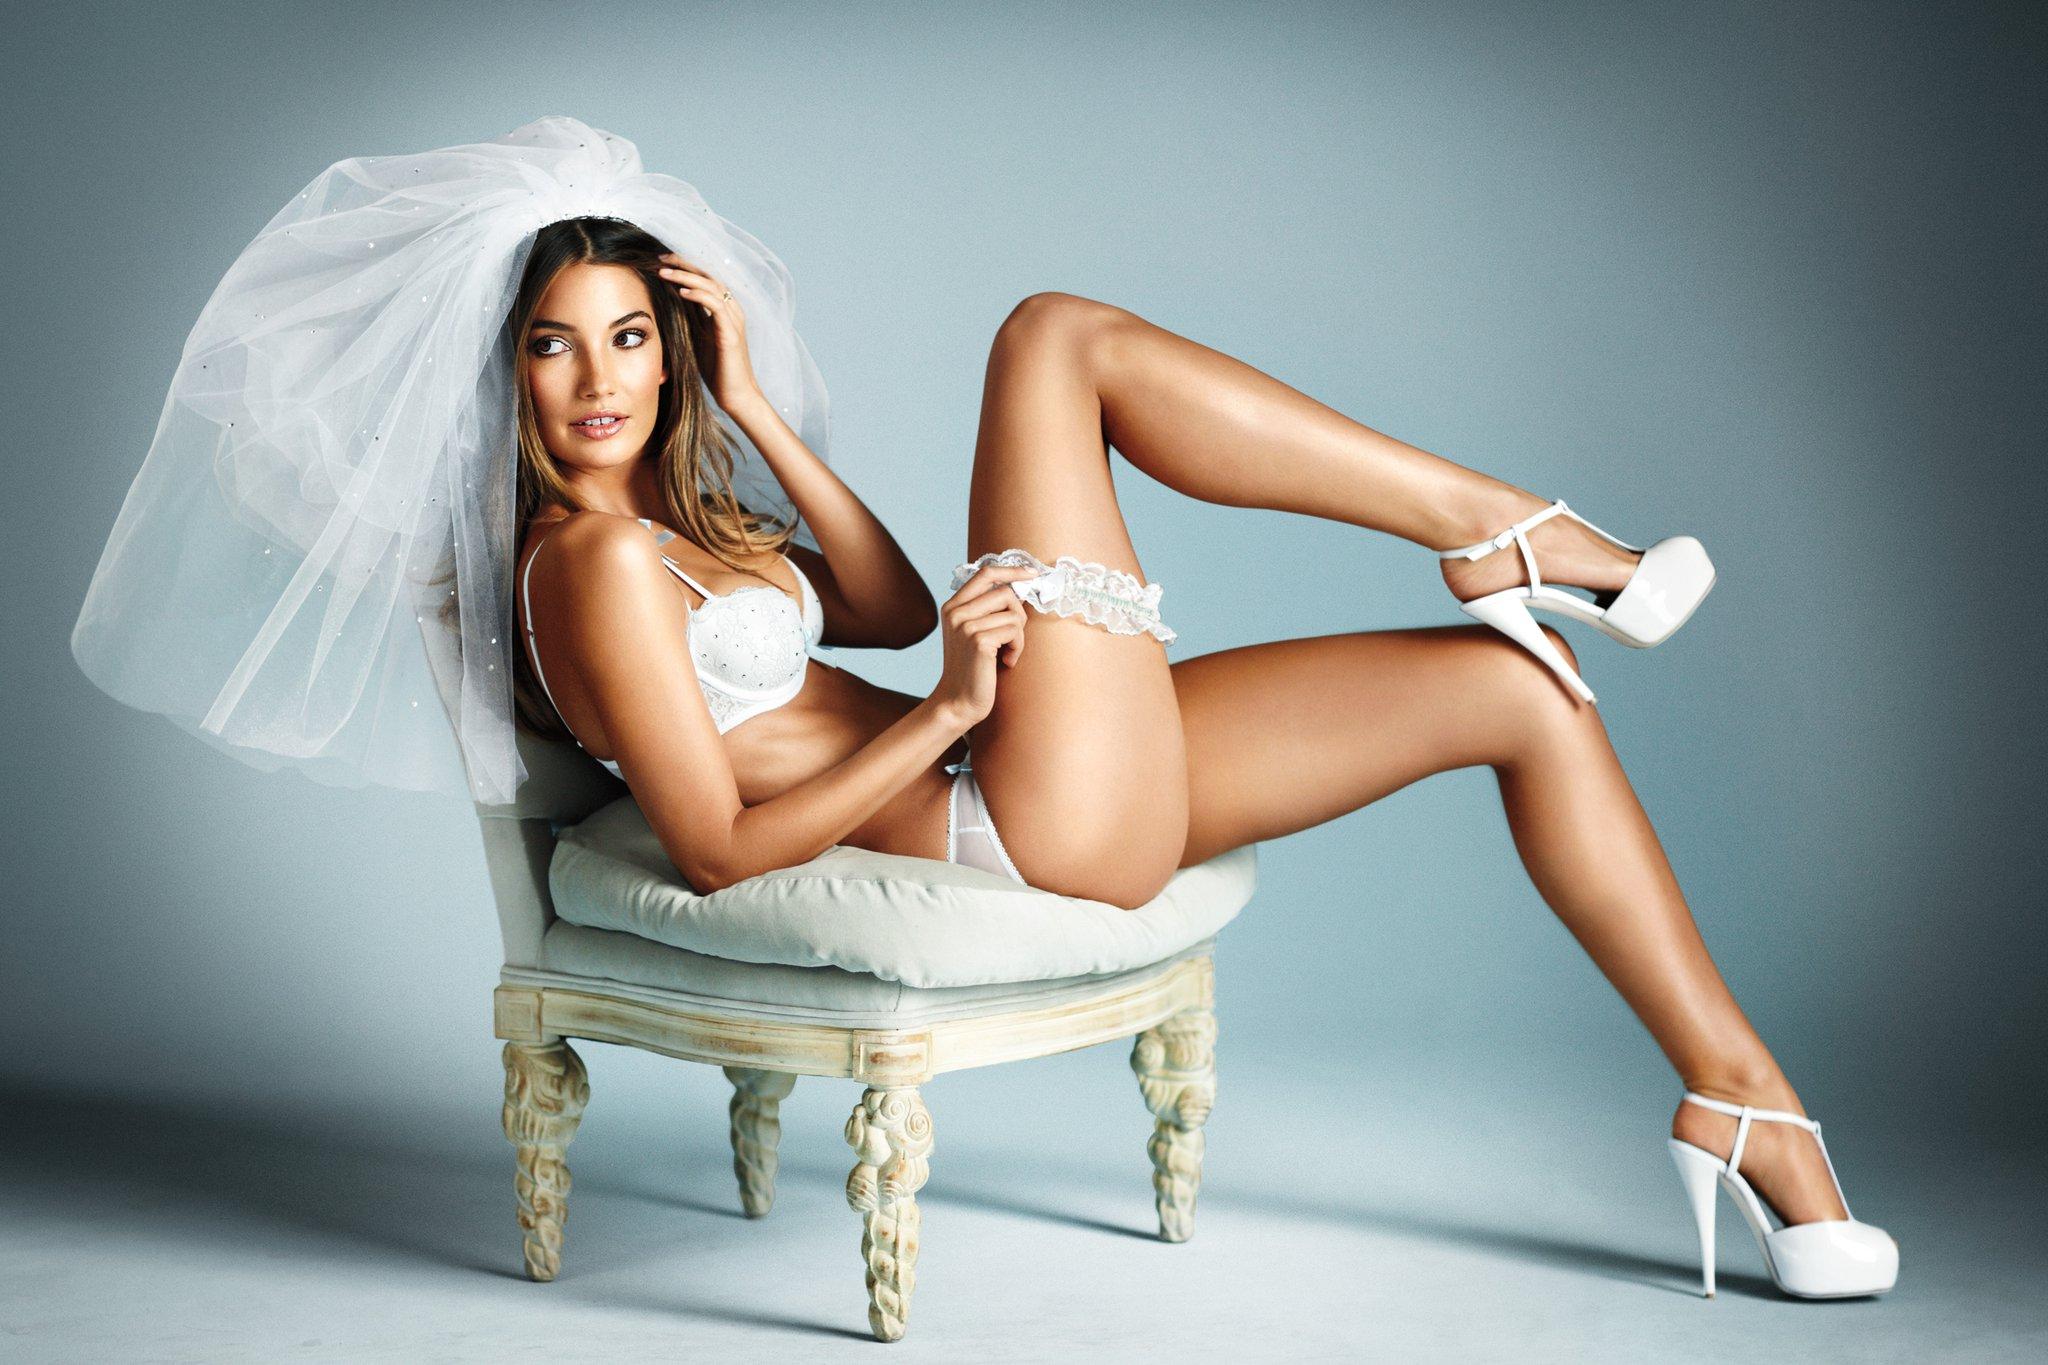 How sexy brides can match camila cabello's vma vibes